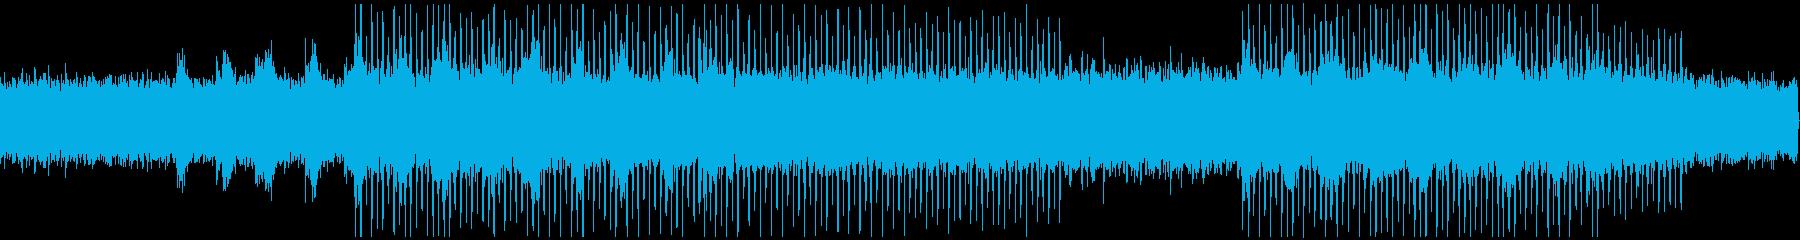 未来 電子音 企業VP・CMの再生済みの波形